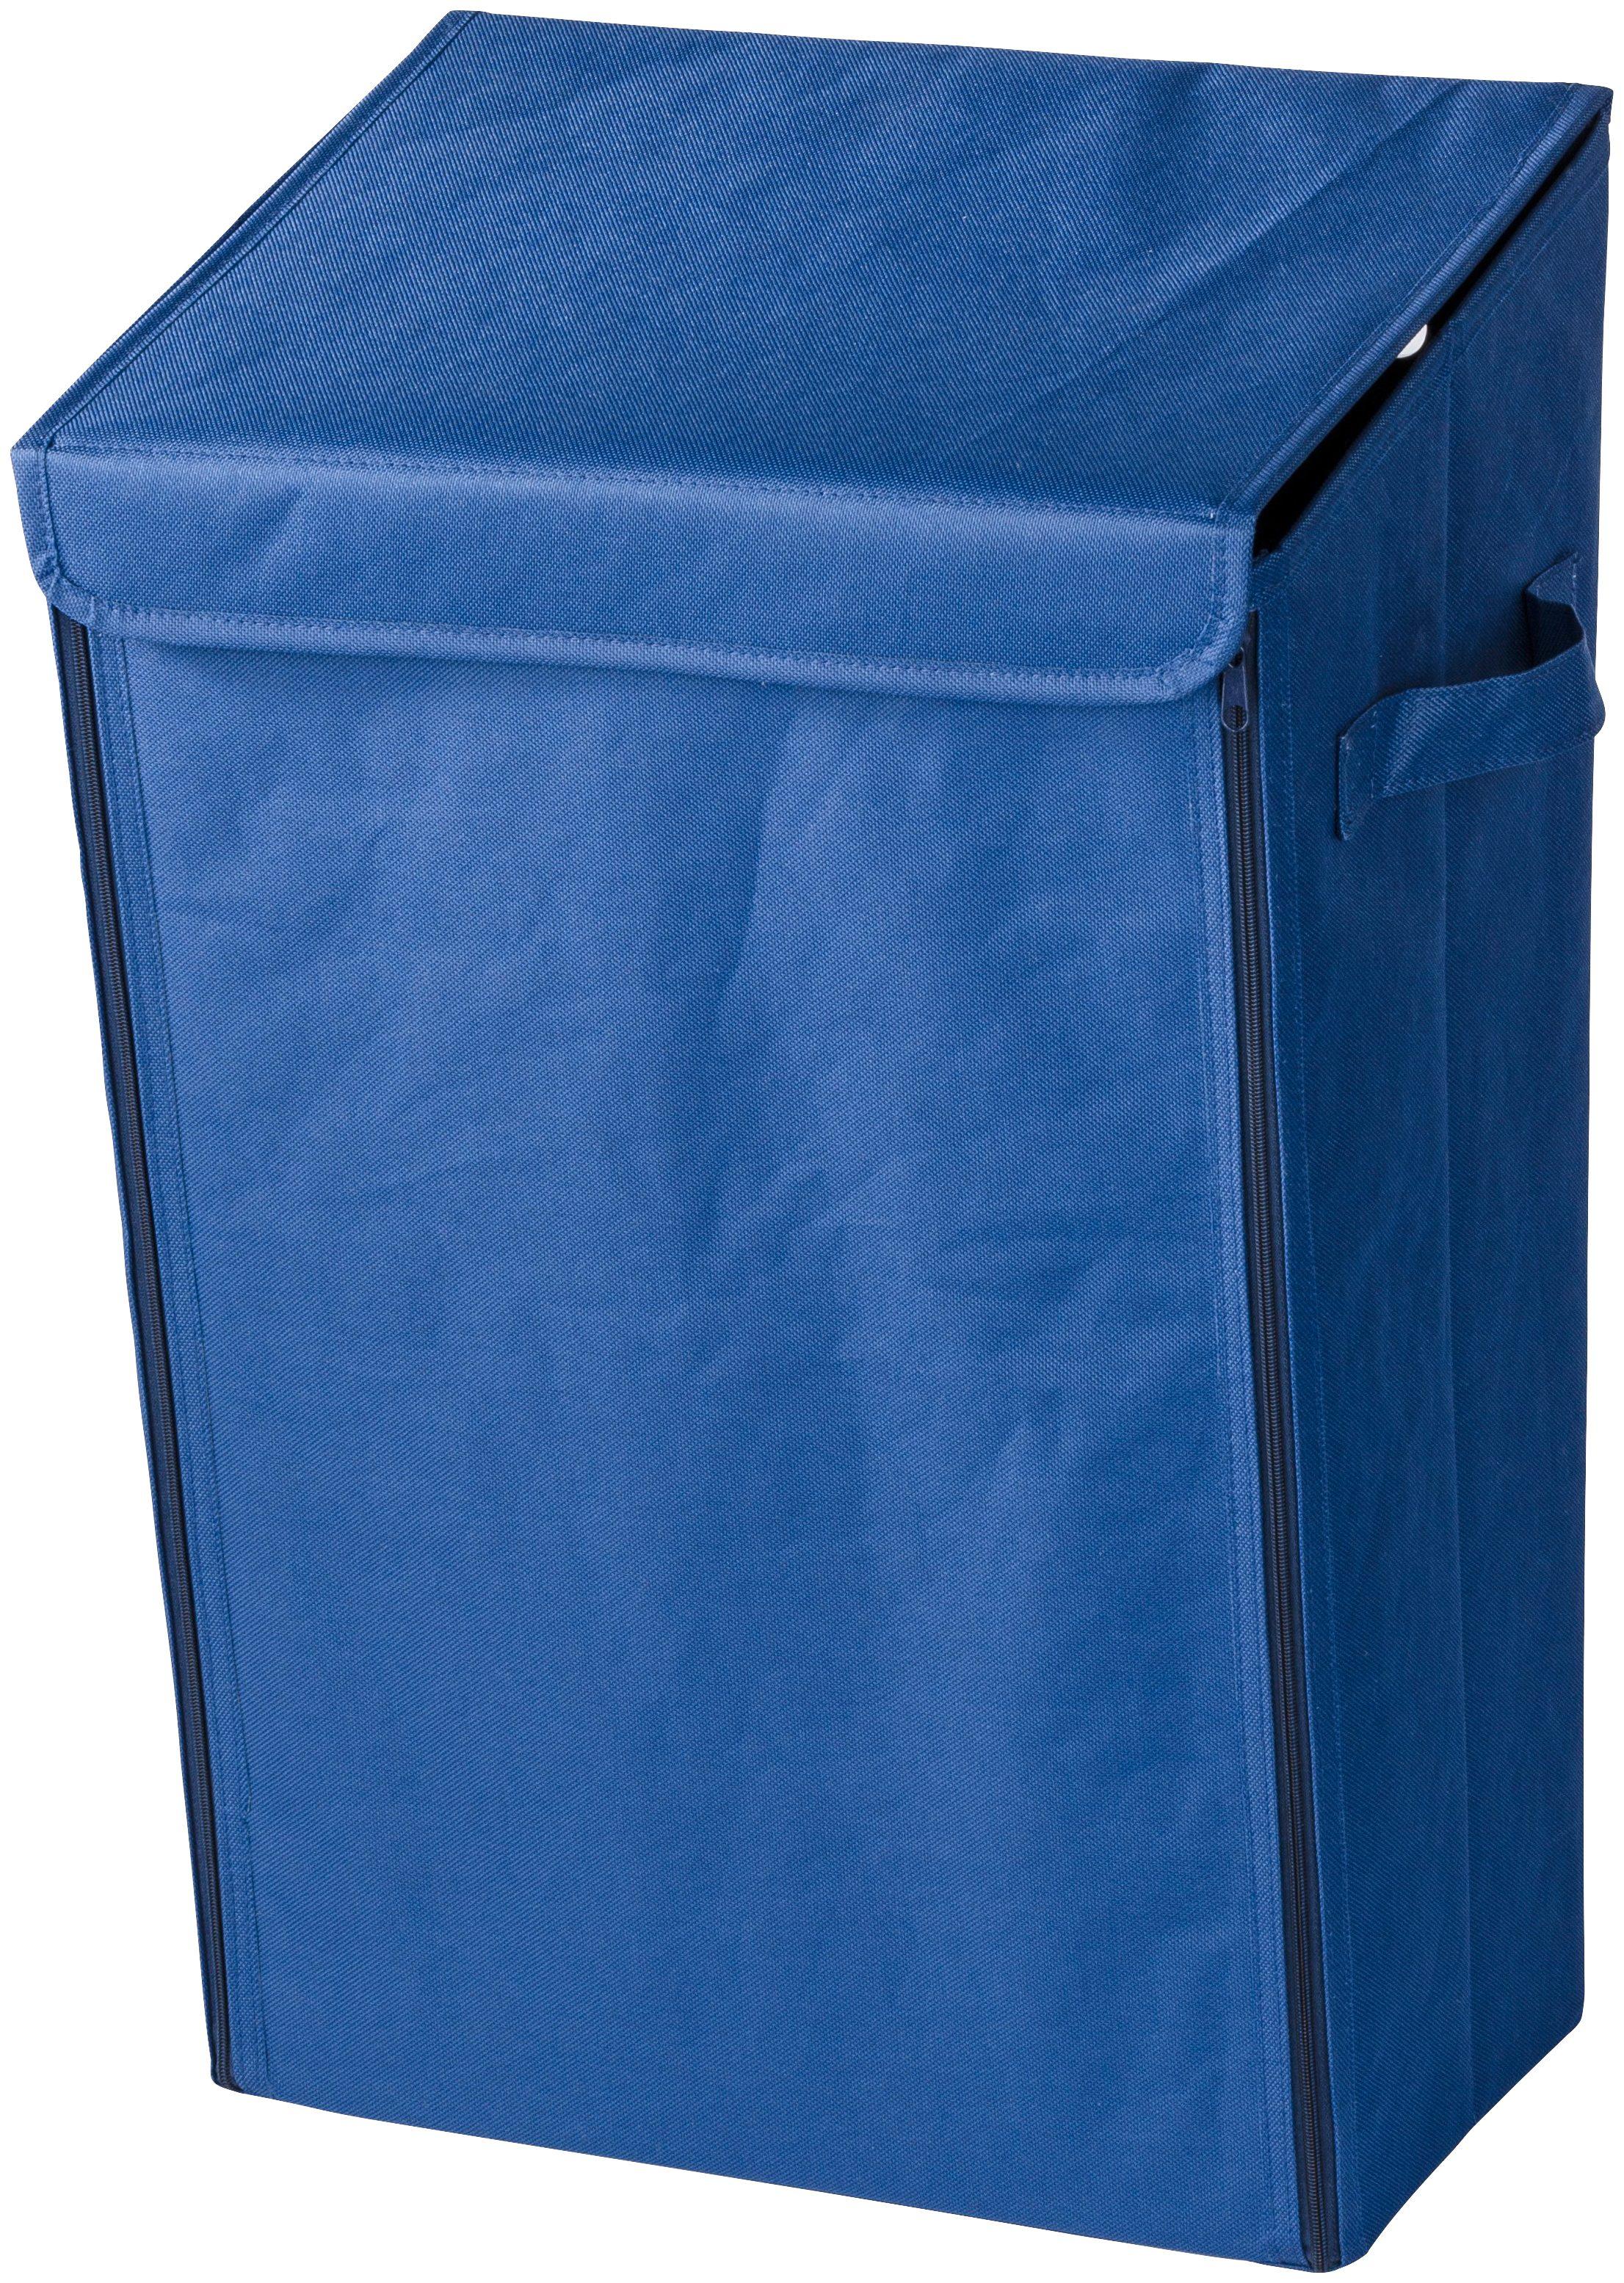 Wäschesammler »Mobiler Wäschesammler Blau«